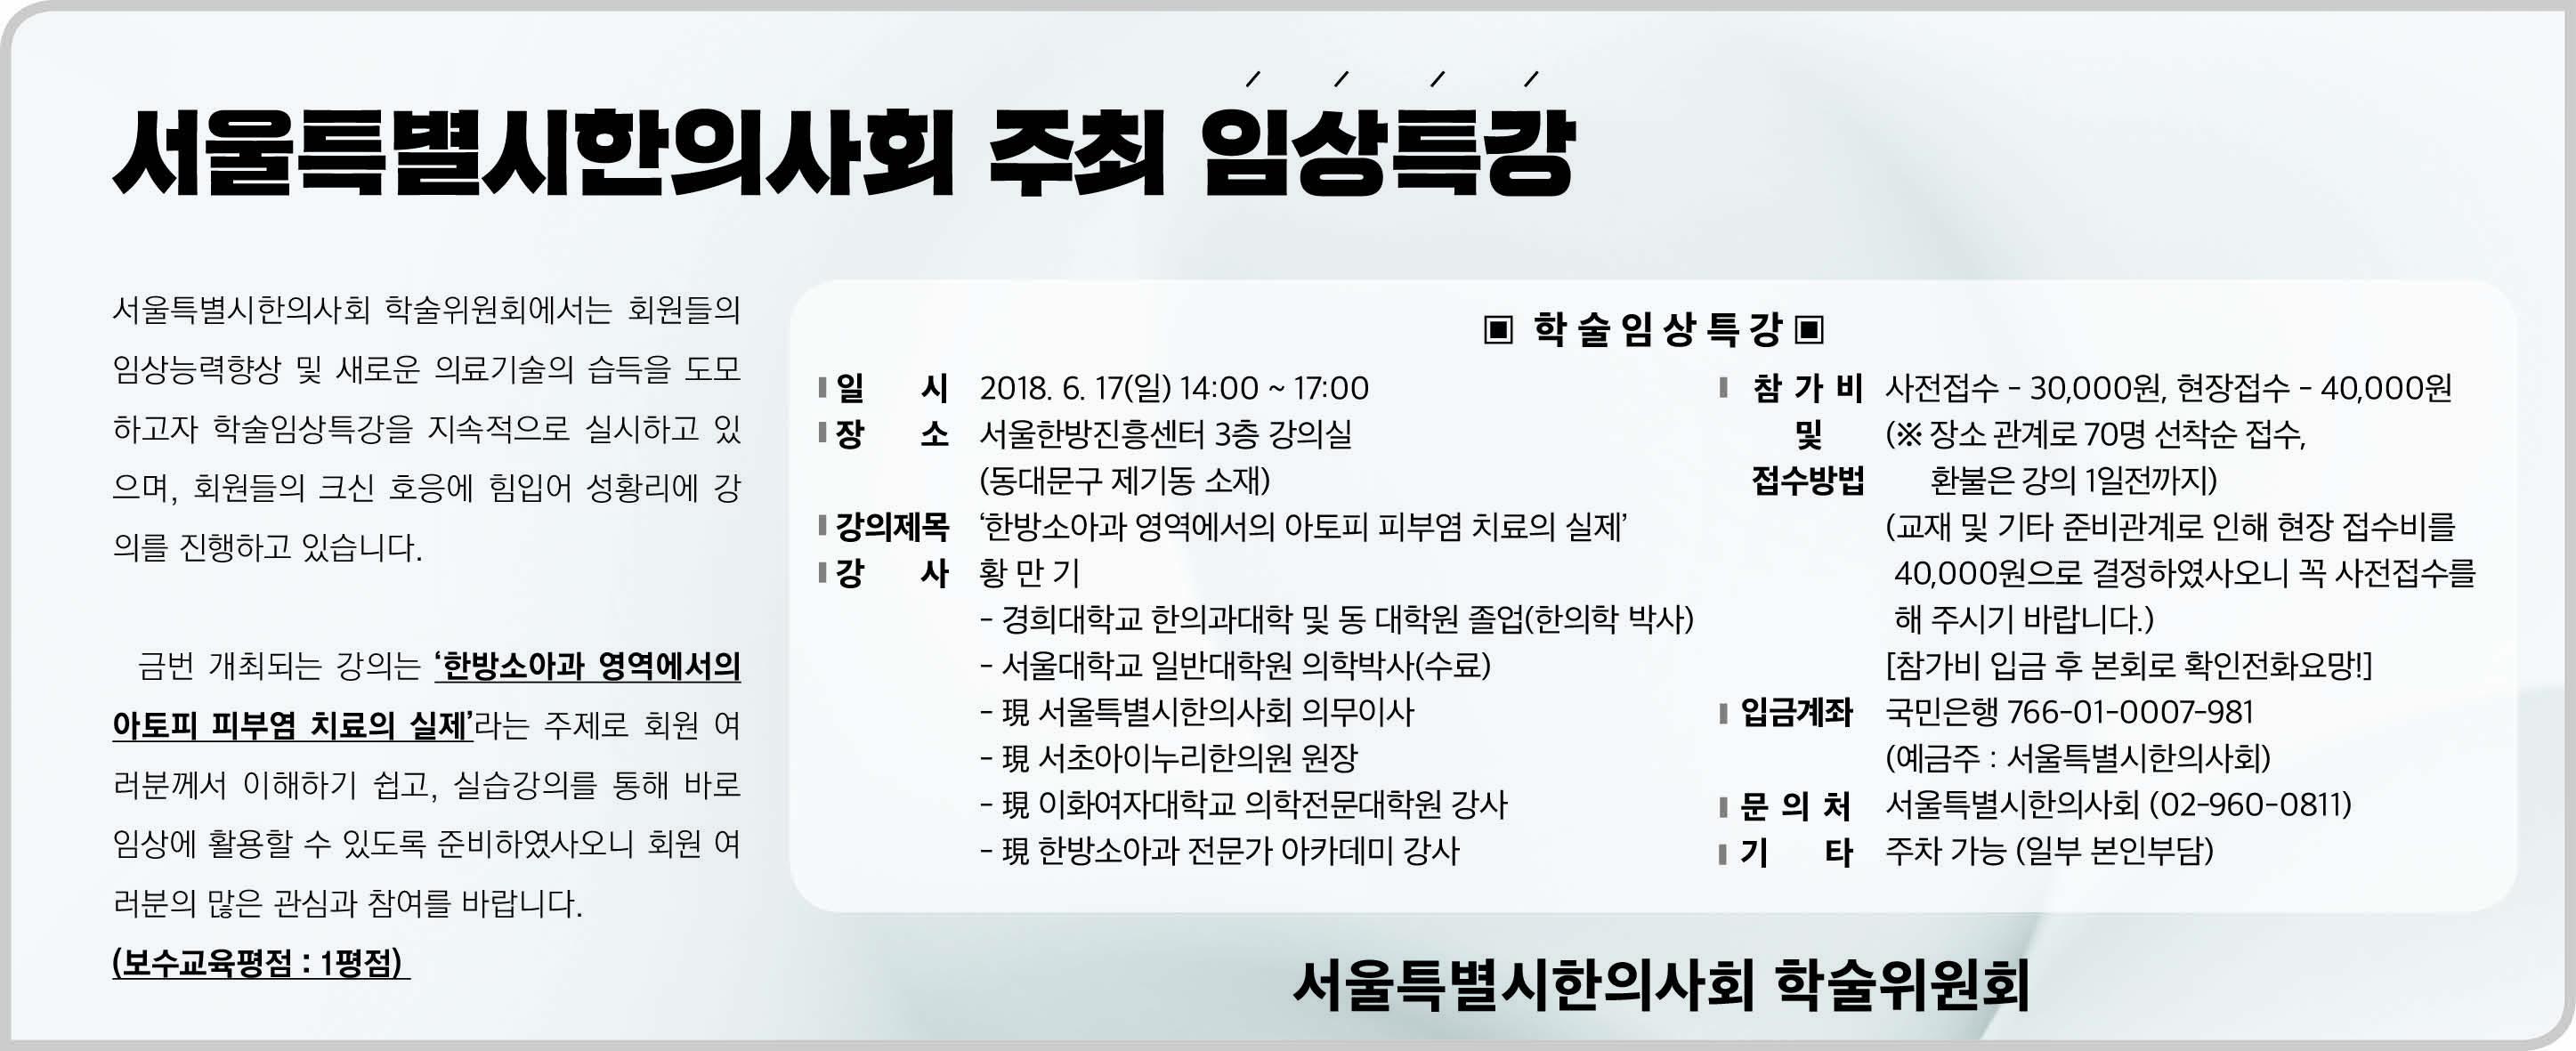 서울지부 임상특강